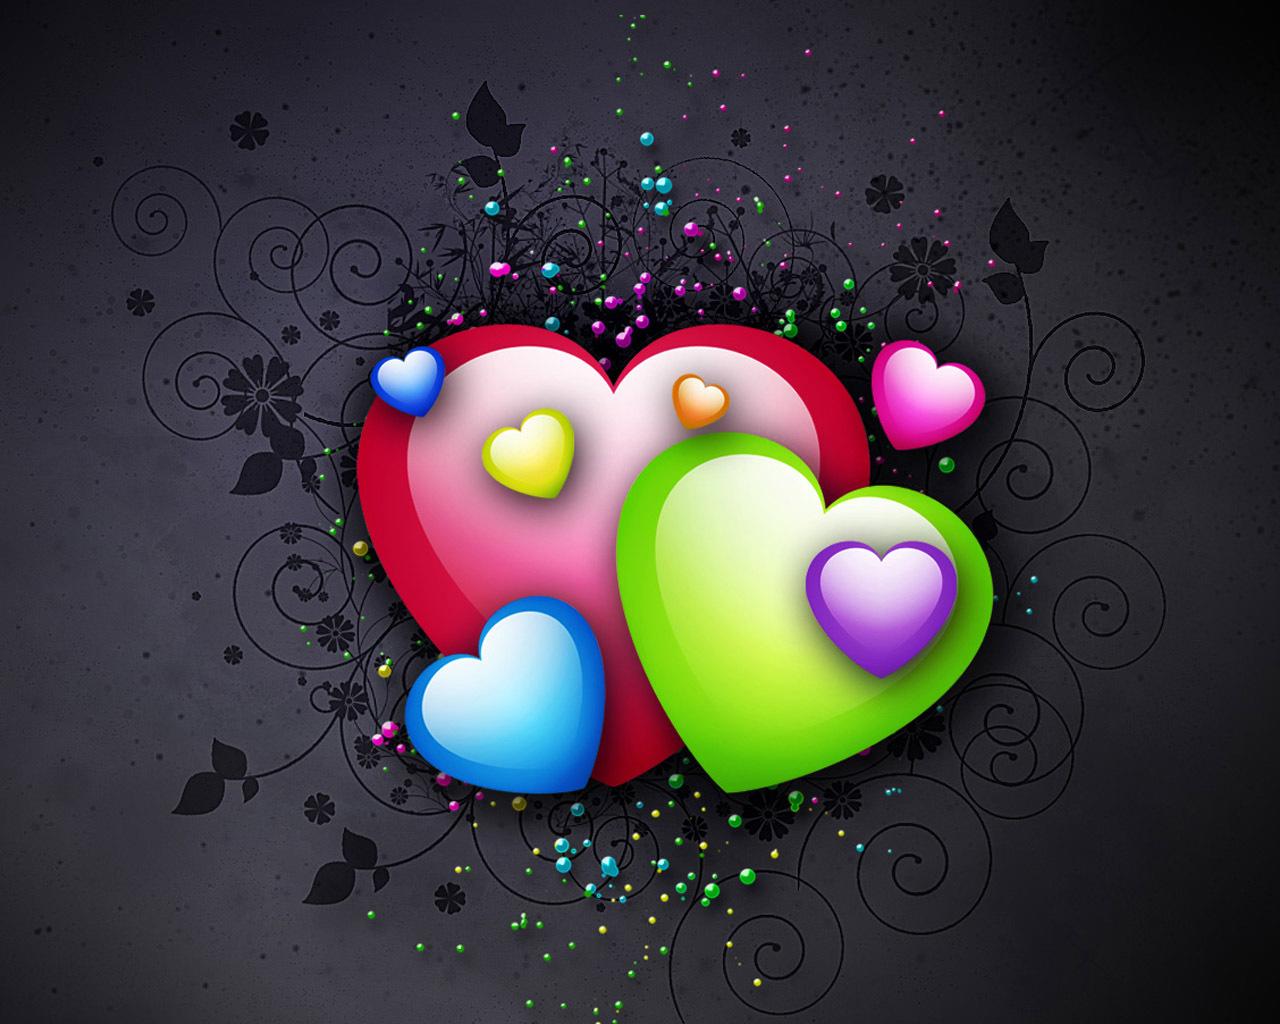 21866 économiseurs d'écran et fonds d'écran Saint Valentin sur votre téléphone. Téléchargez Saint Valentin, Fêtes, Contexte, Cœurs, Amour images gratuitement